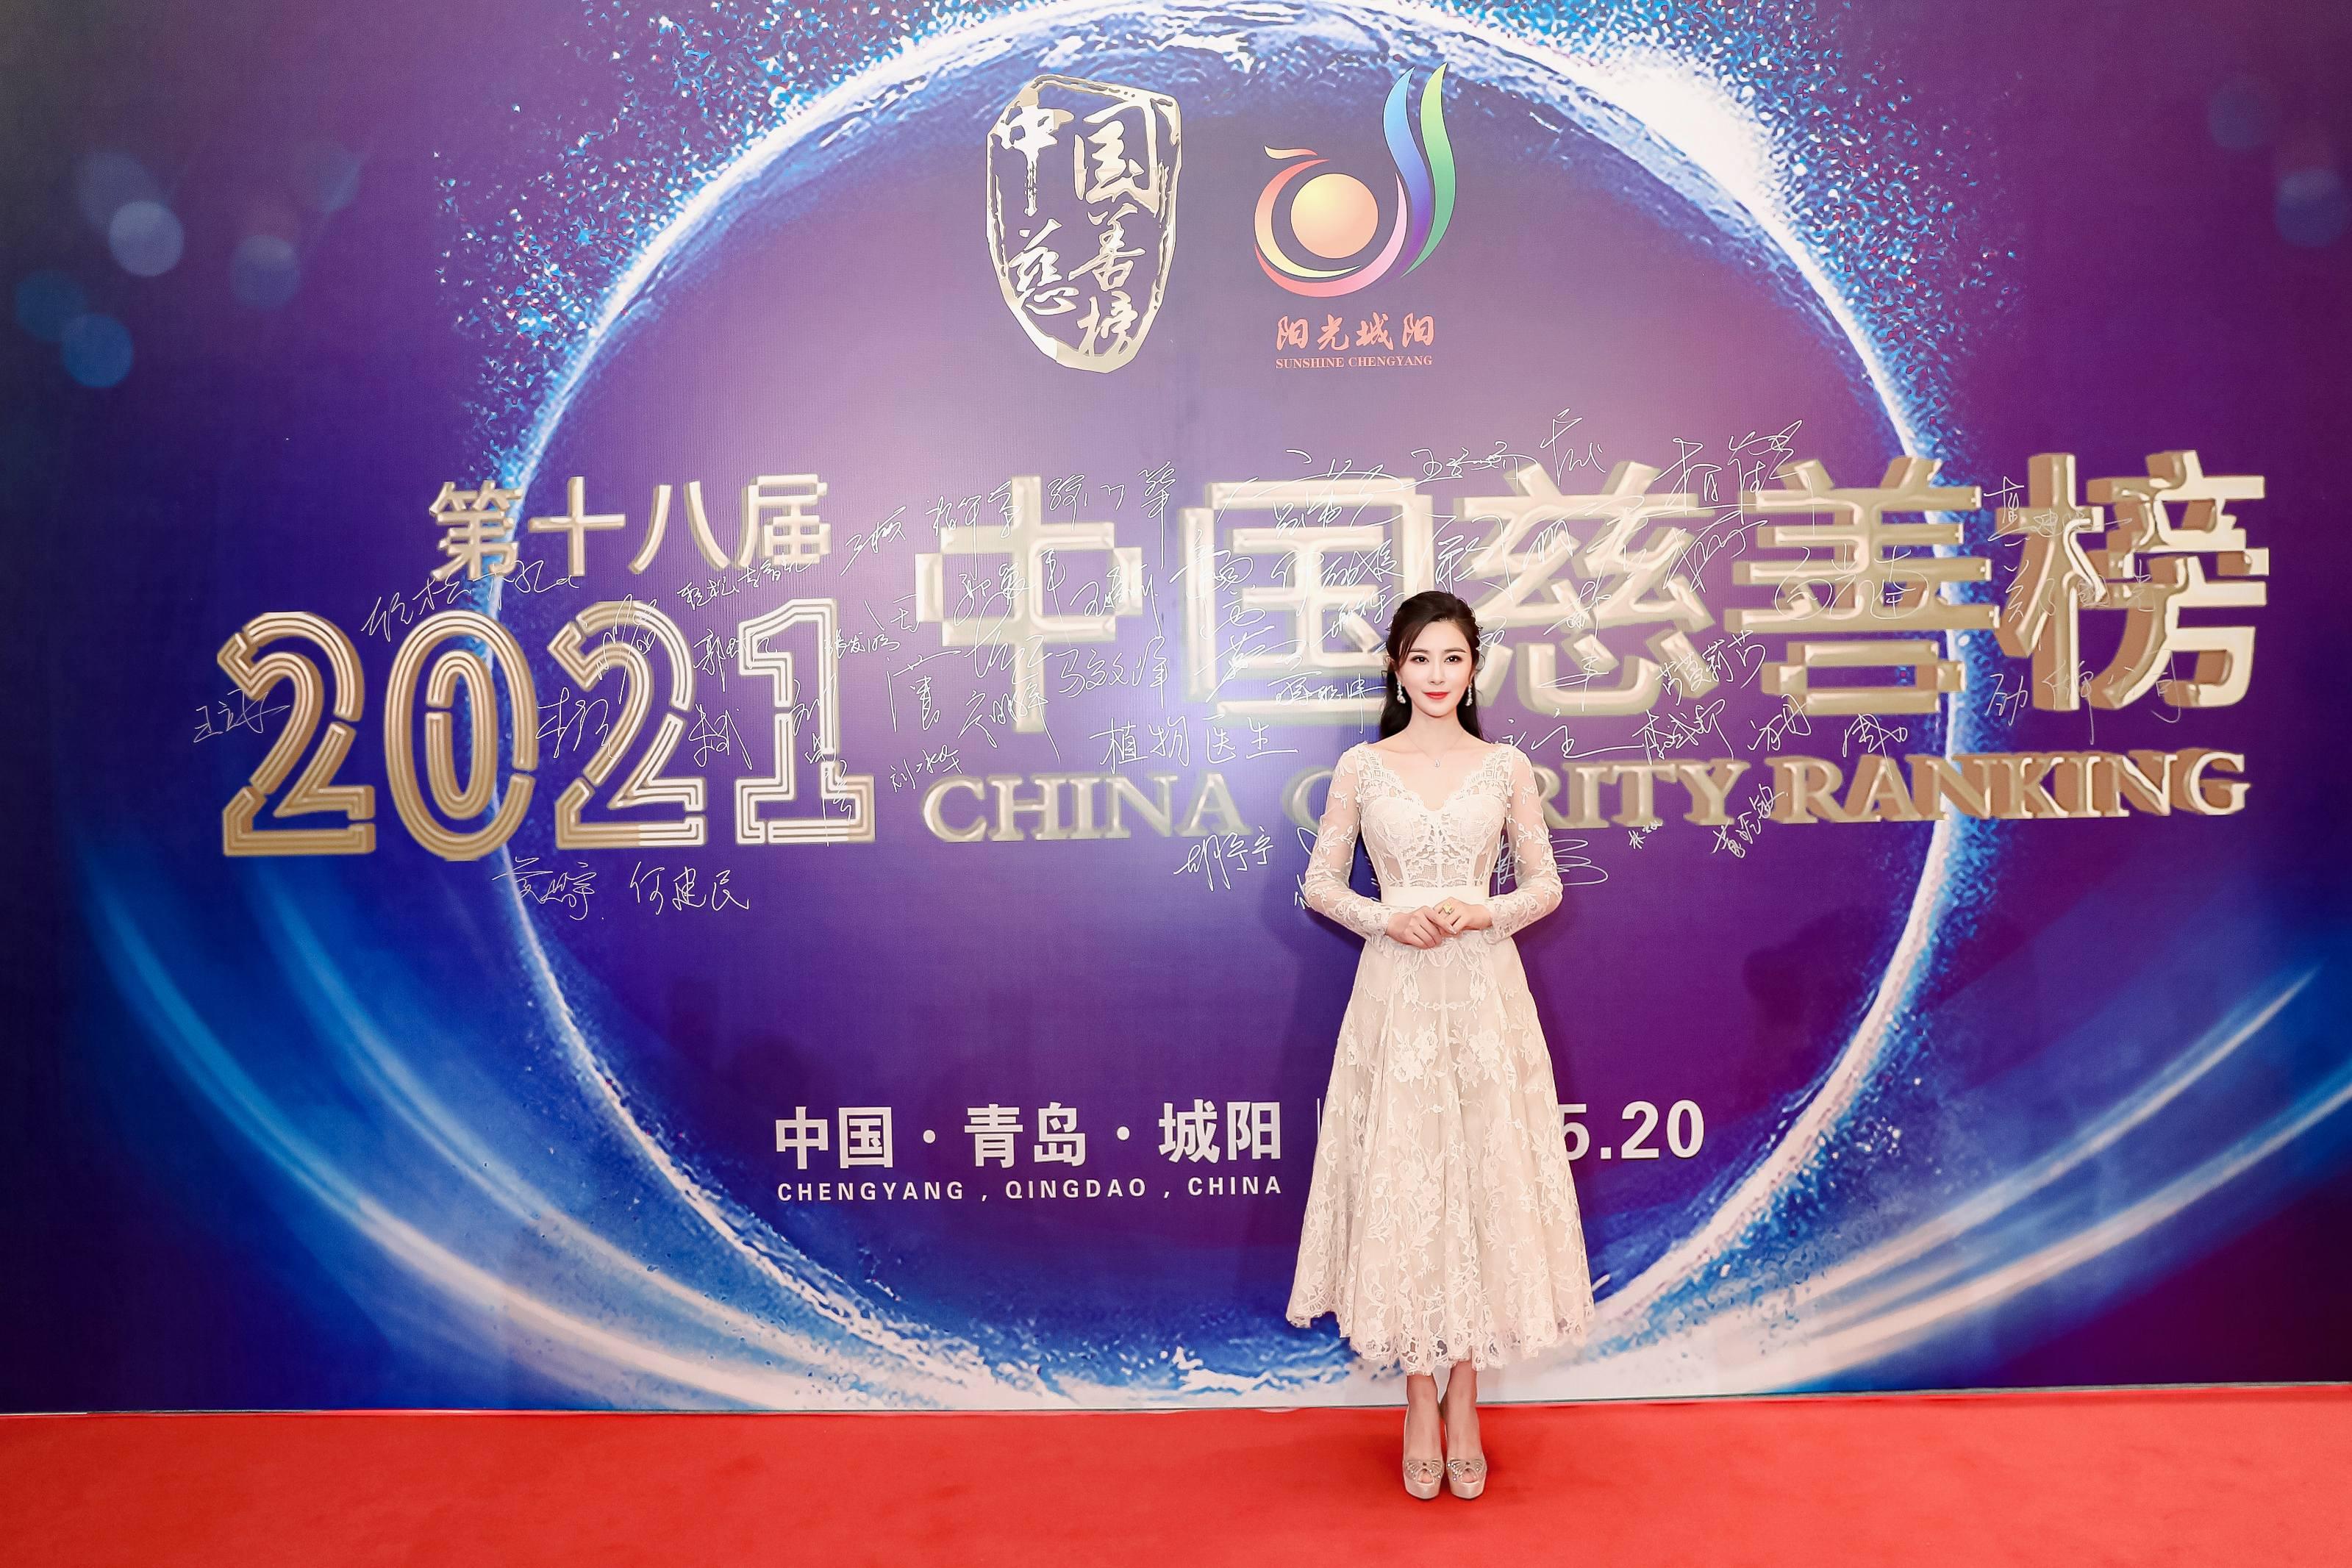 著名歌唱家伊丽媛再登中国慈善榜